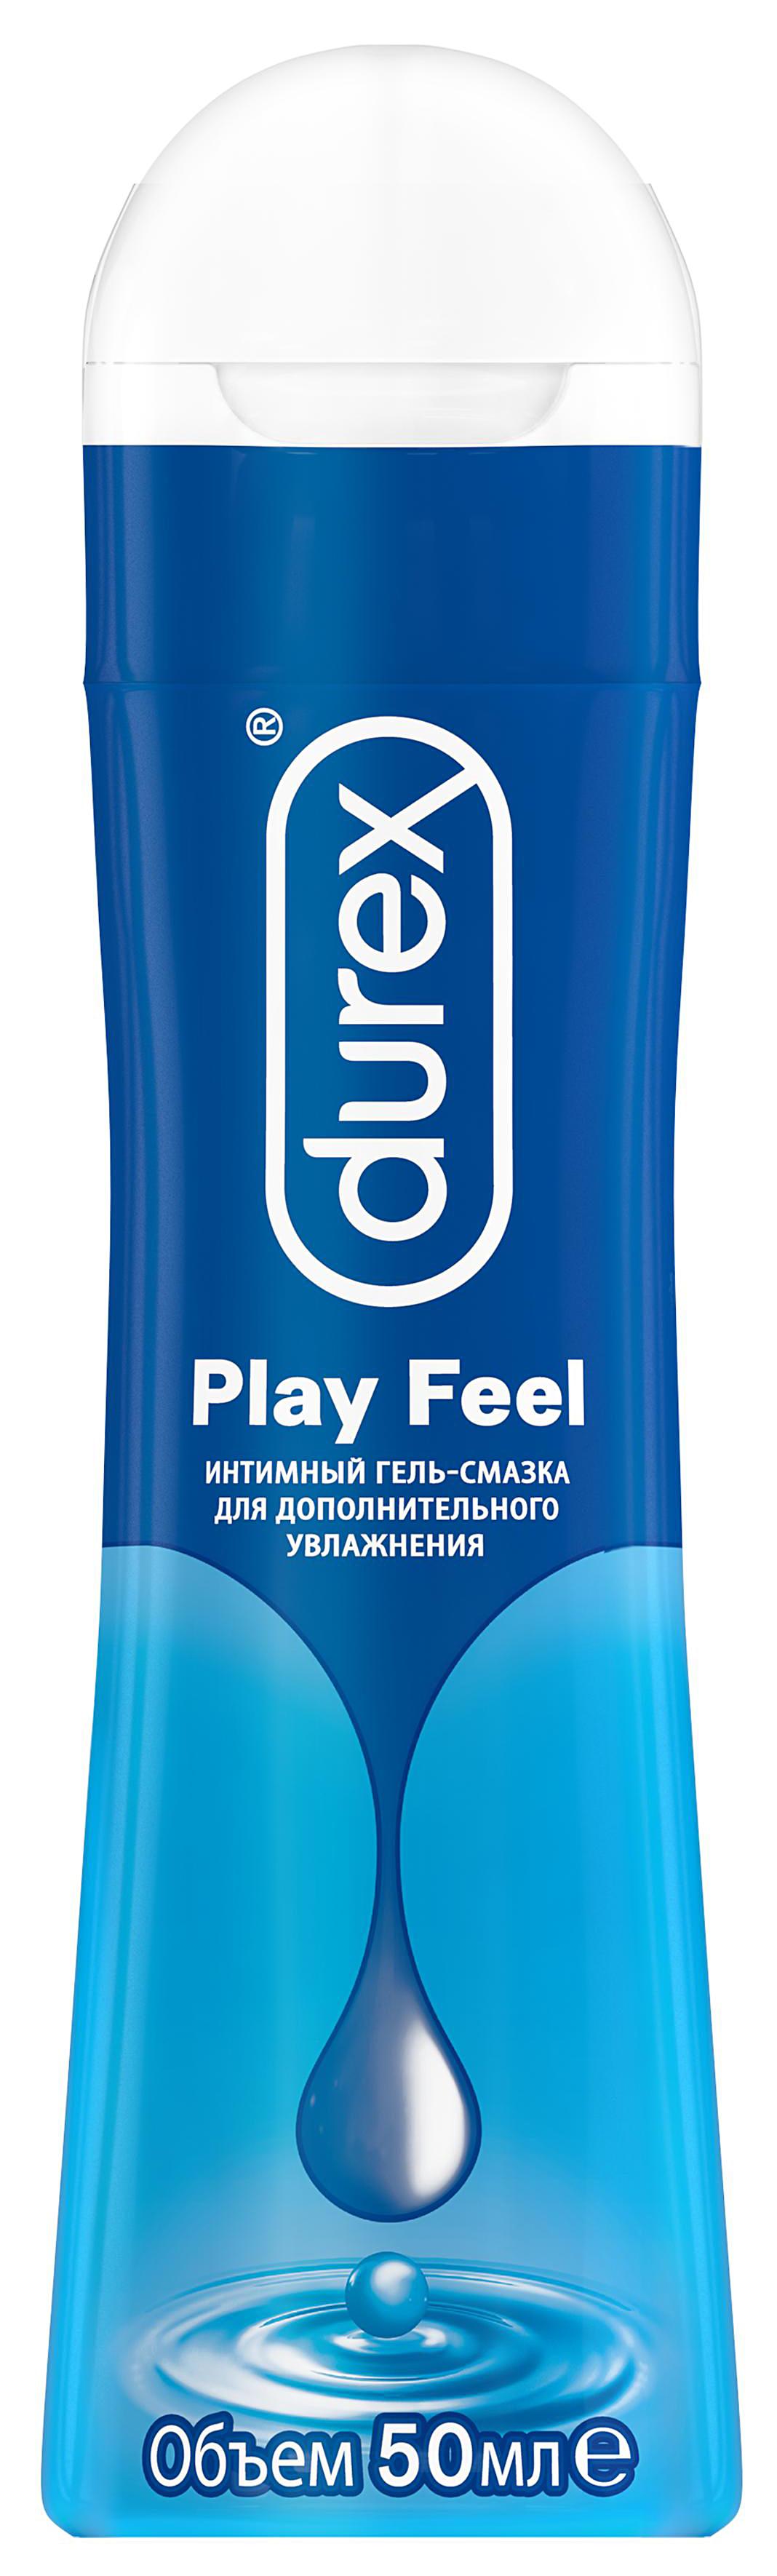 Гель-смазка Durex Play Feel 50мл для дополнительного увлажнения